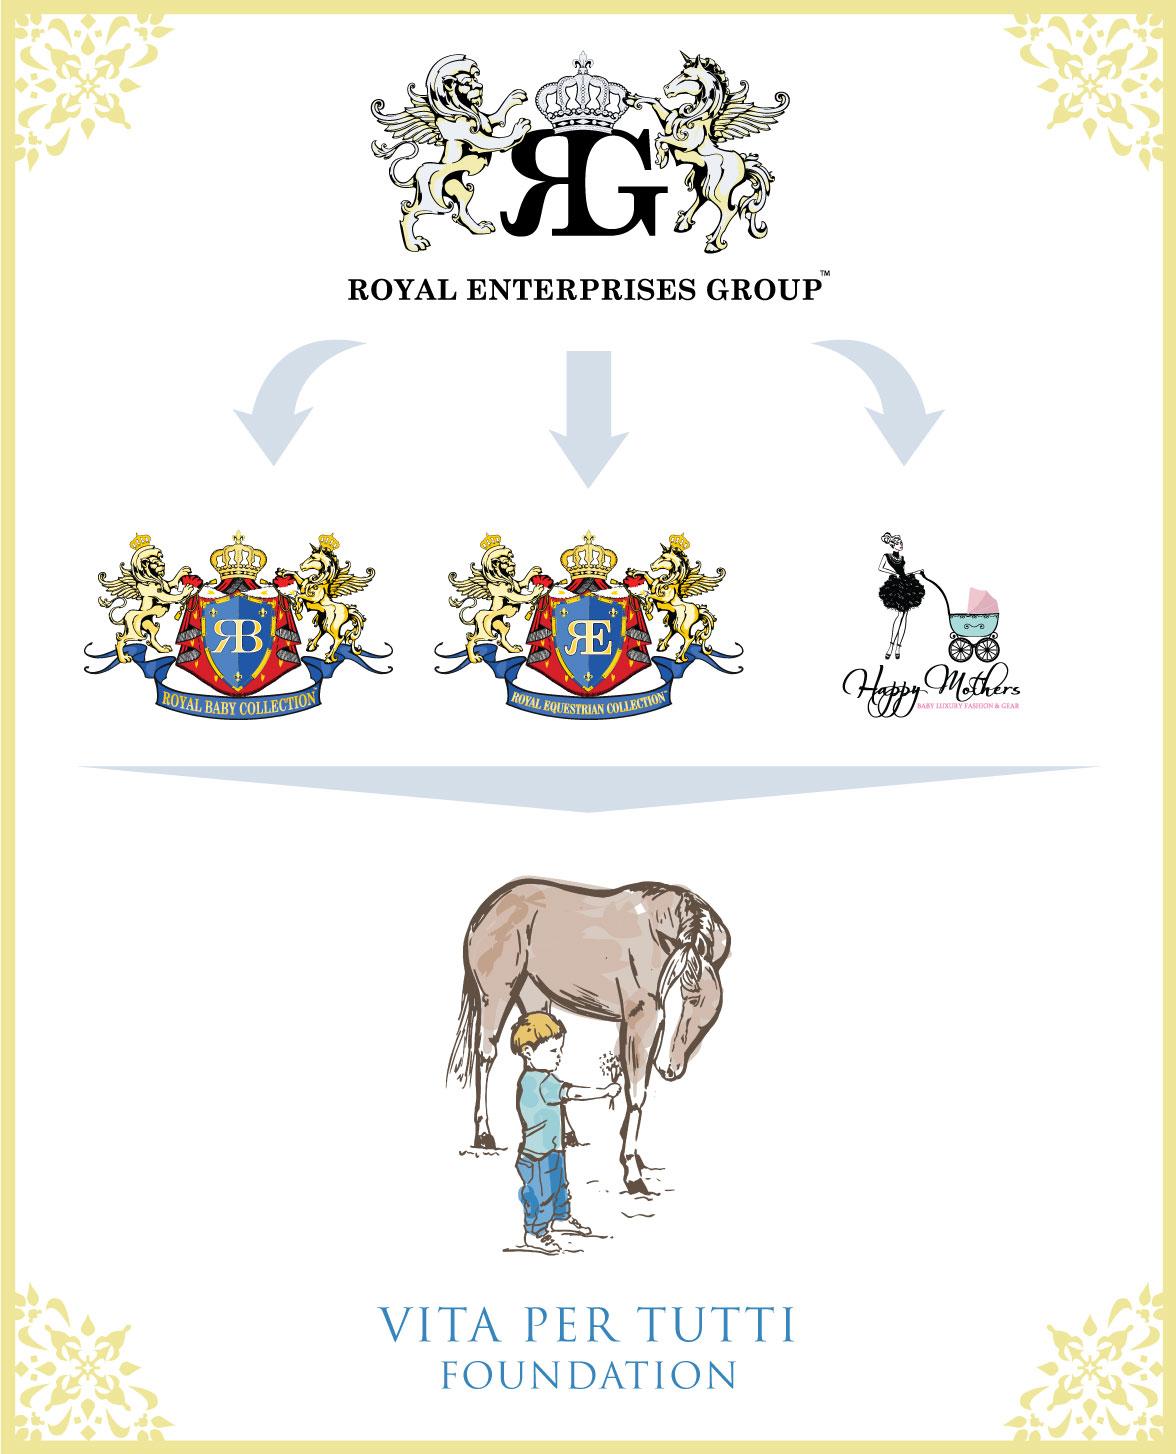 Royal Enterprises Group